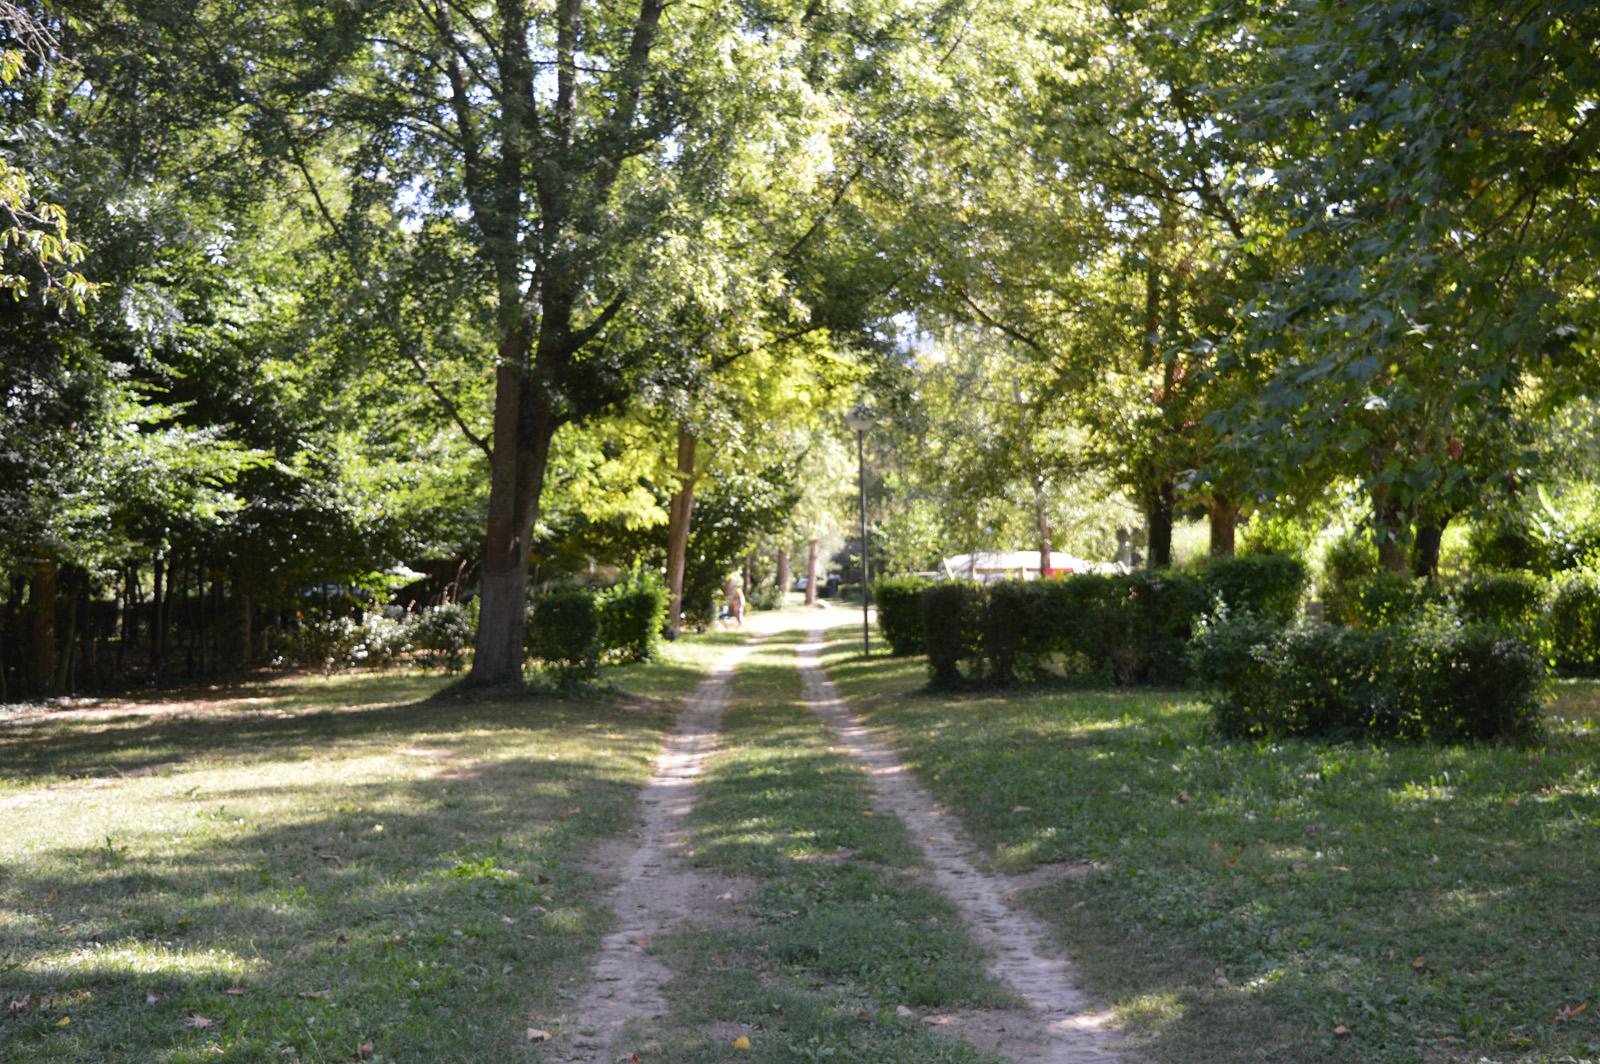 Des emplacements spacieux, arborés, calmes et en pleine nature